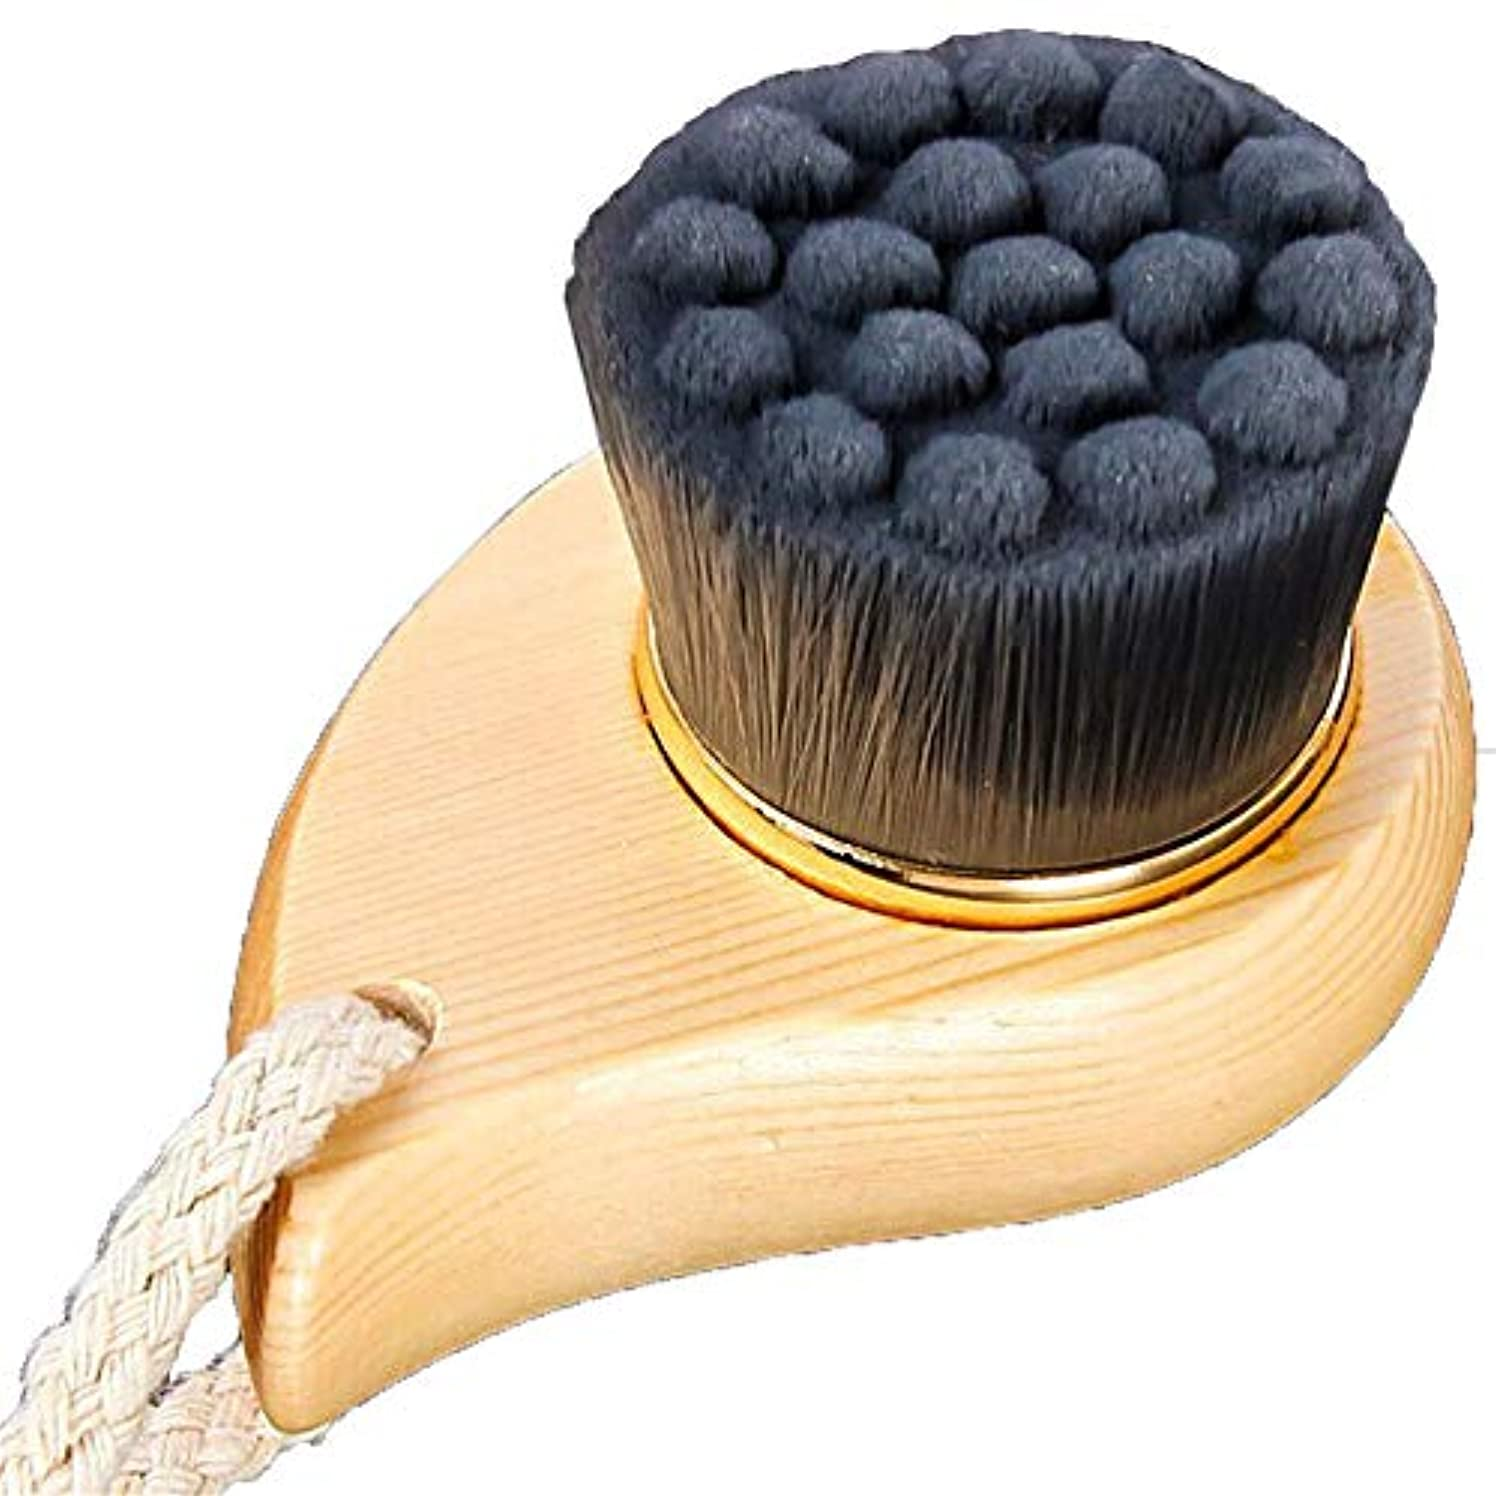 反応する作動する極小洗顔ブラシ 深い毛穴のための柔らかい剛毛の表面クリーニングの美のブラシの清潔になることの美顔術のブラシ ディープクレンジングスキンケア用